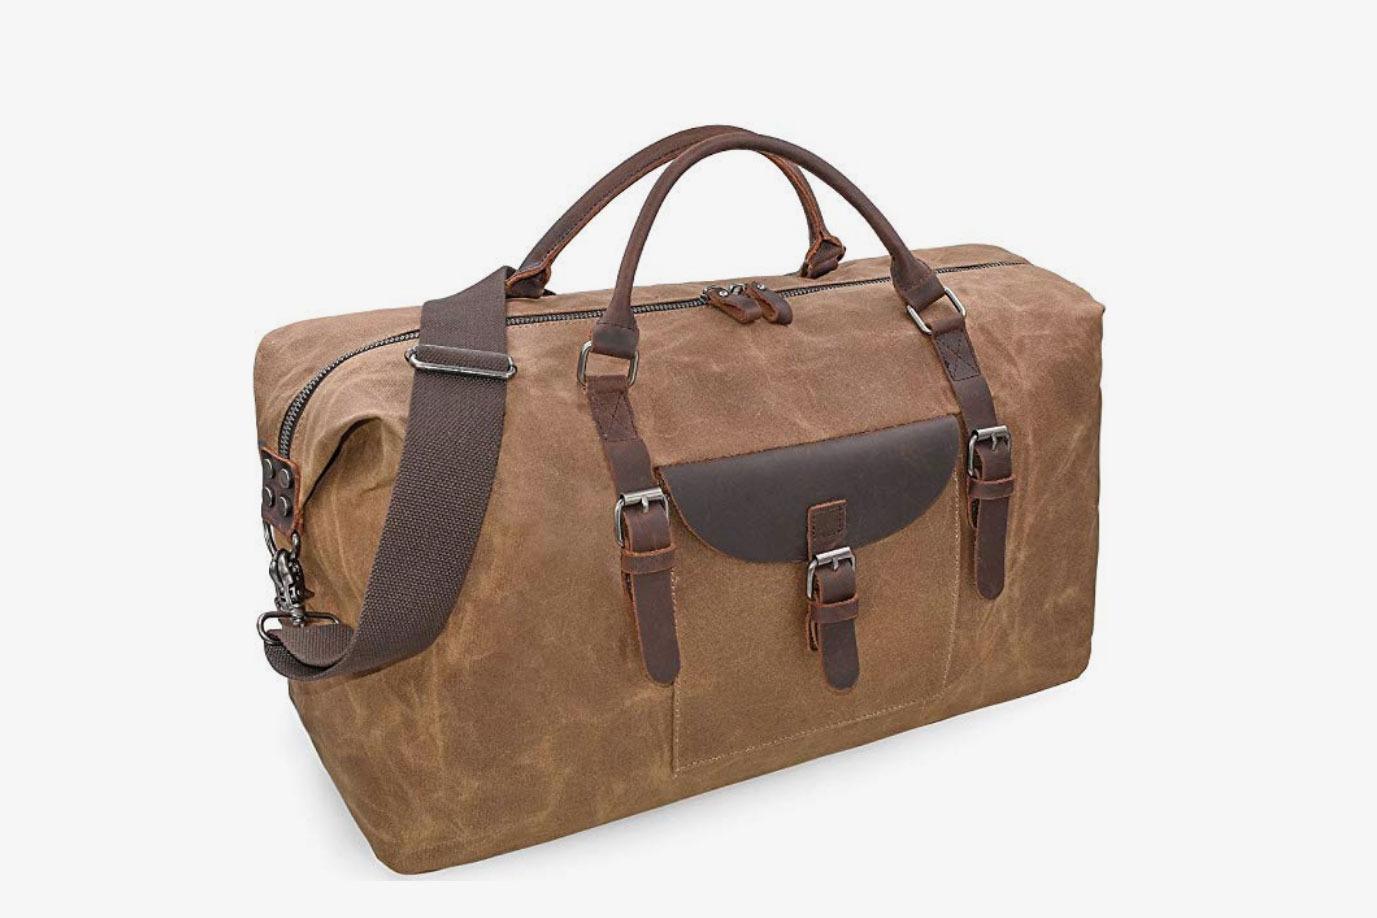 Newhey Oversized Travel Duffle Bag